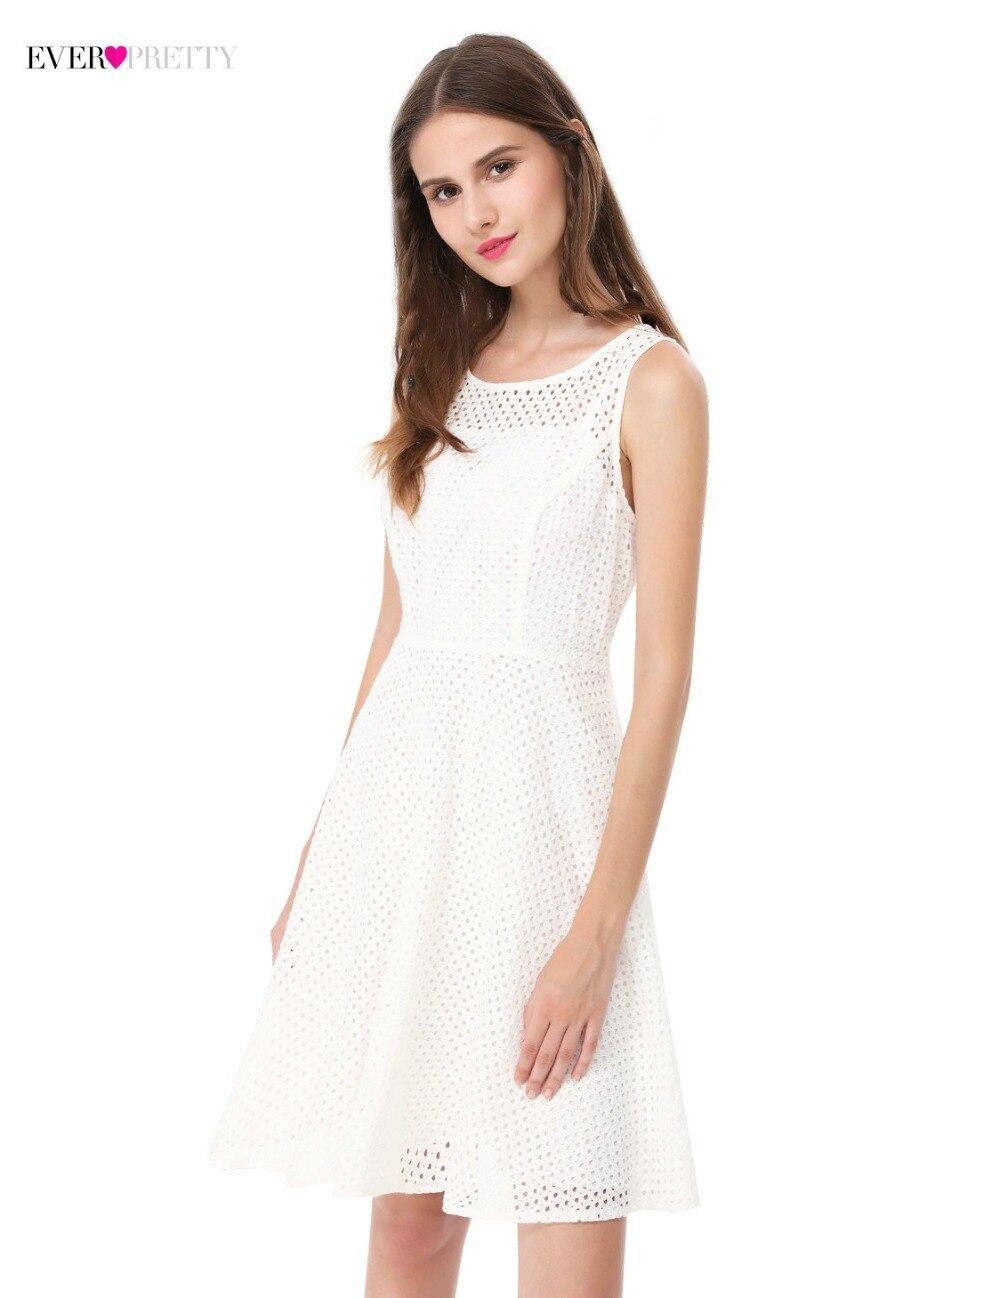 Ever Pretty New White Homecoming Dresses 2018 Sleeveless Elegant Simple Short Party Dresses AS05504 Vestidos De Graduacion